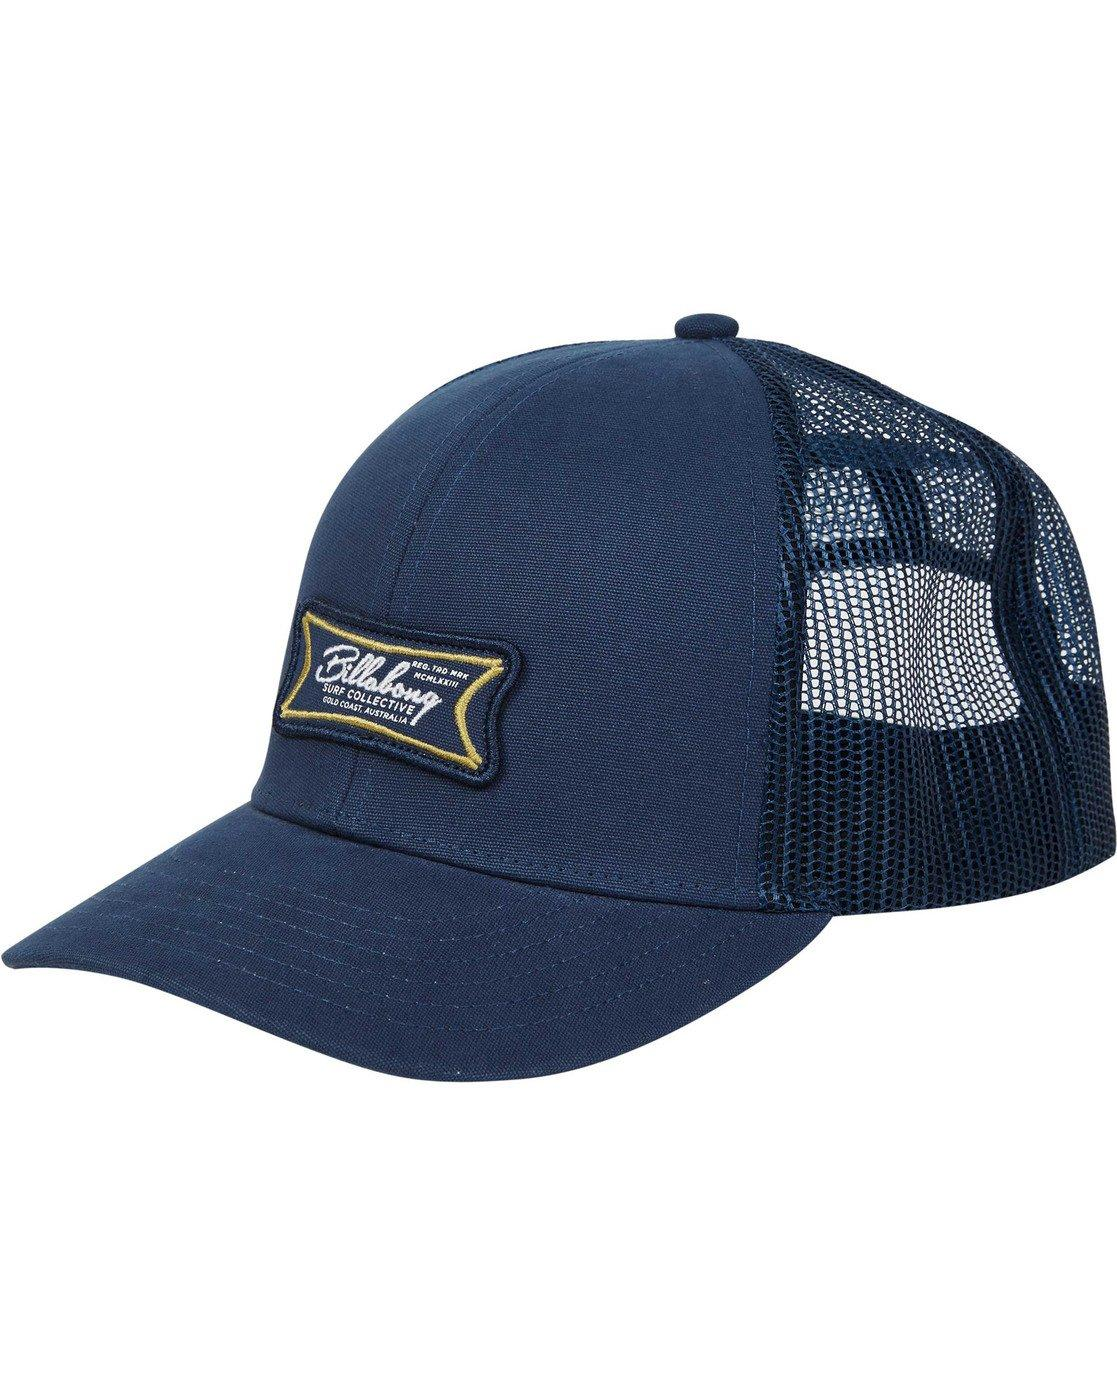 24e6959af112c Billabong - Blue Walled Trucker Hat for Men - Lyst. View fullscreen